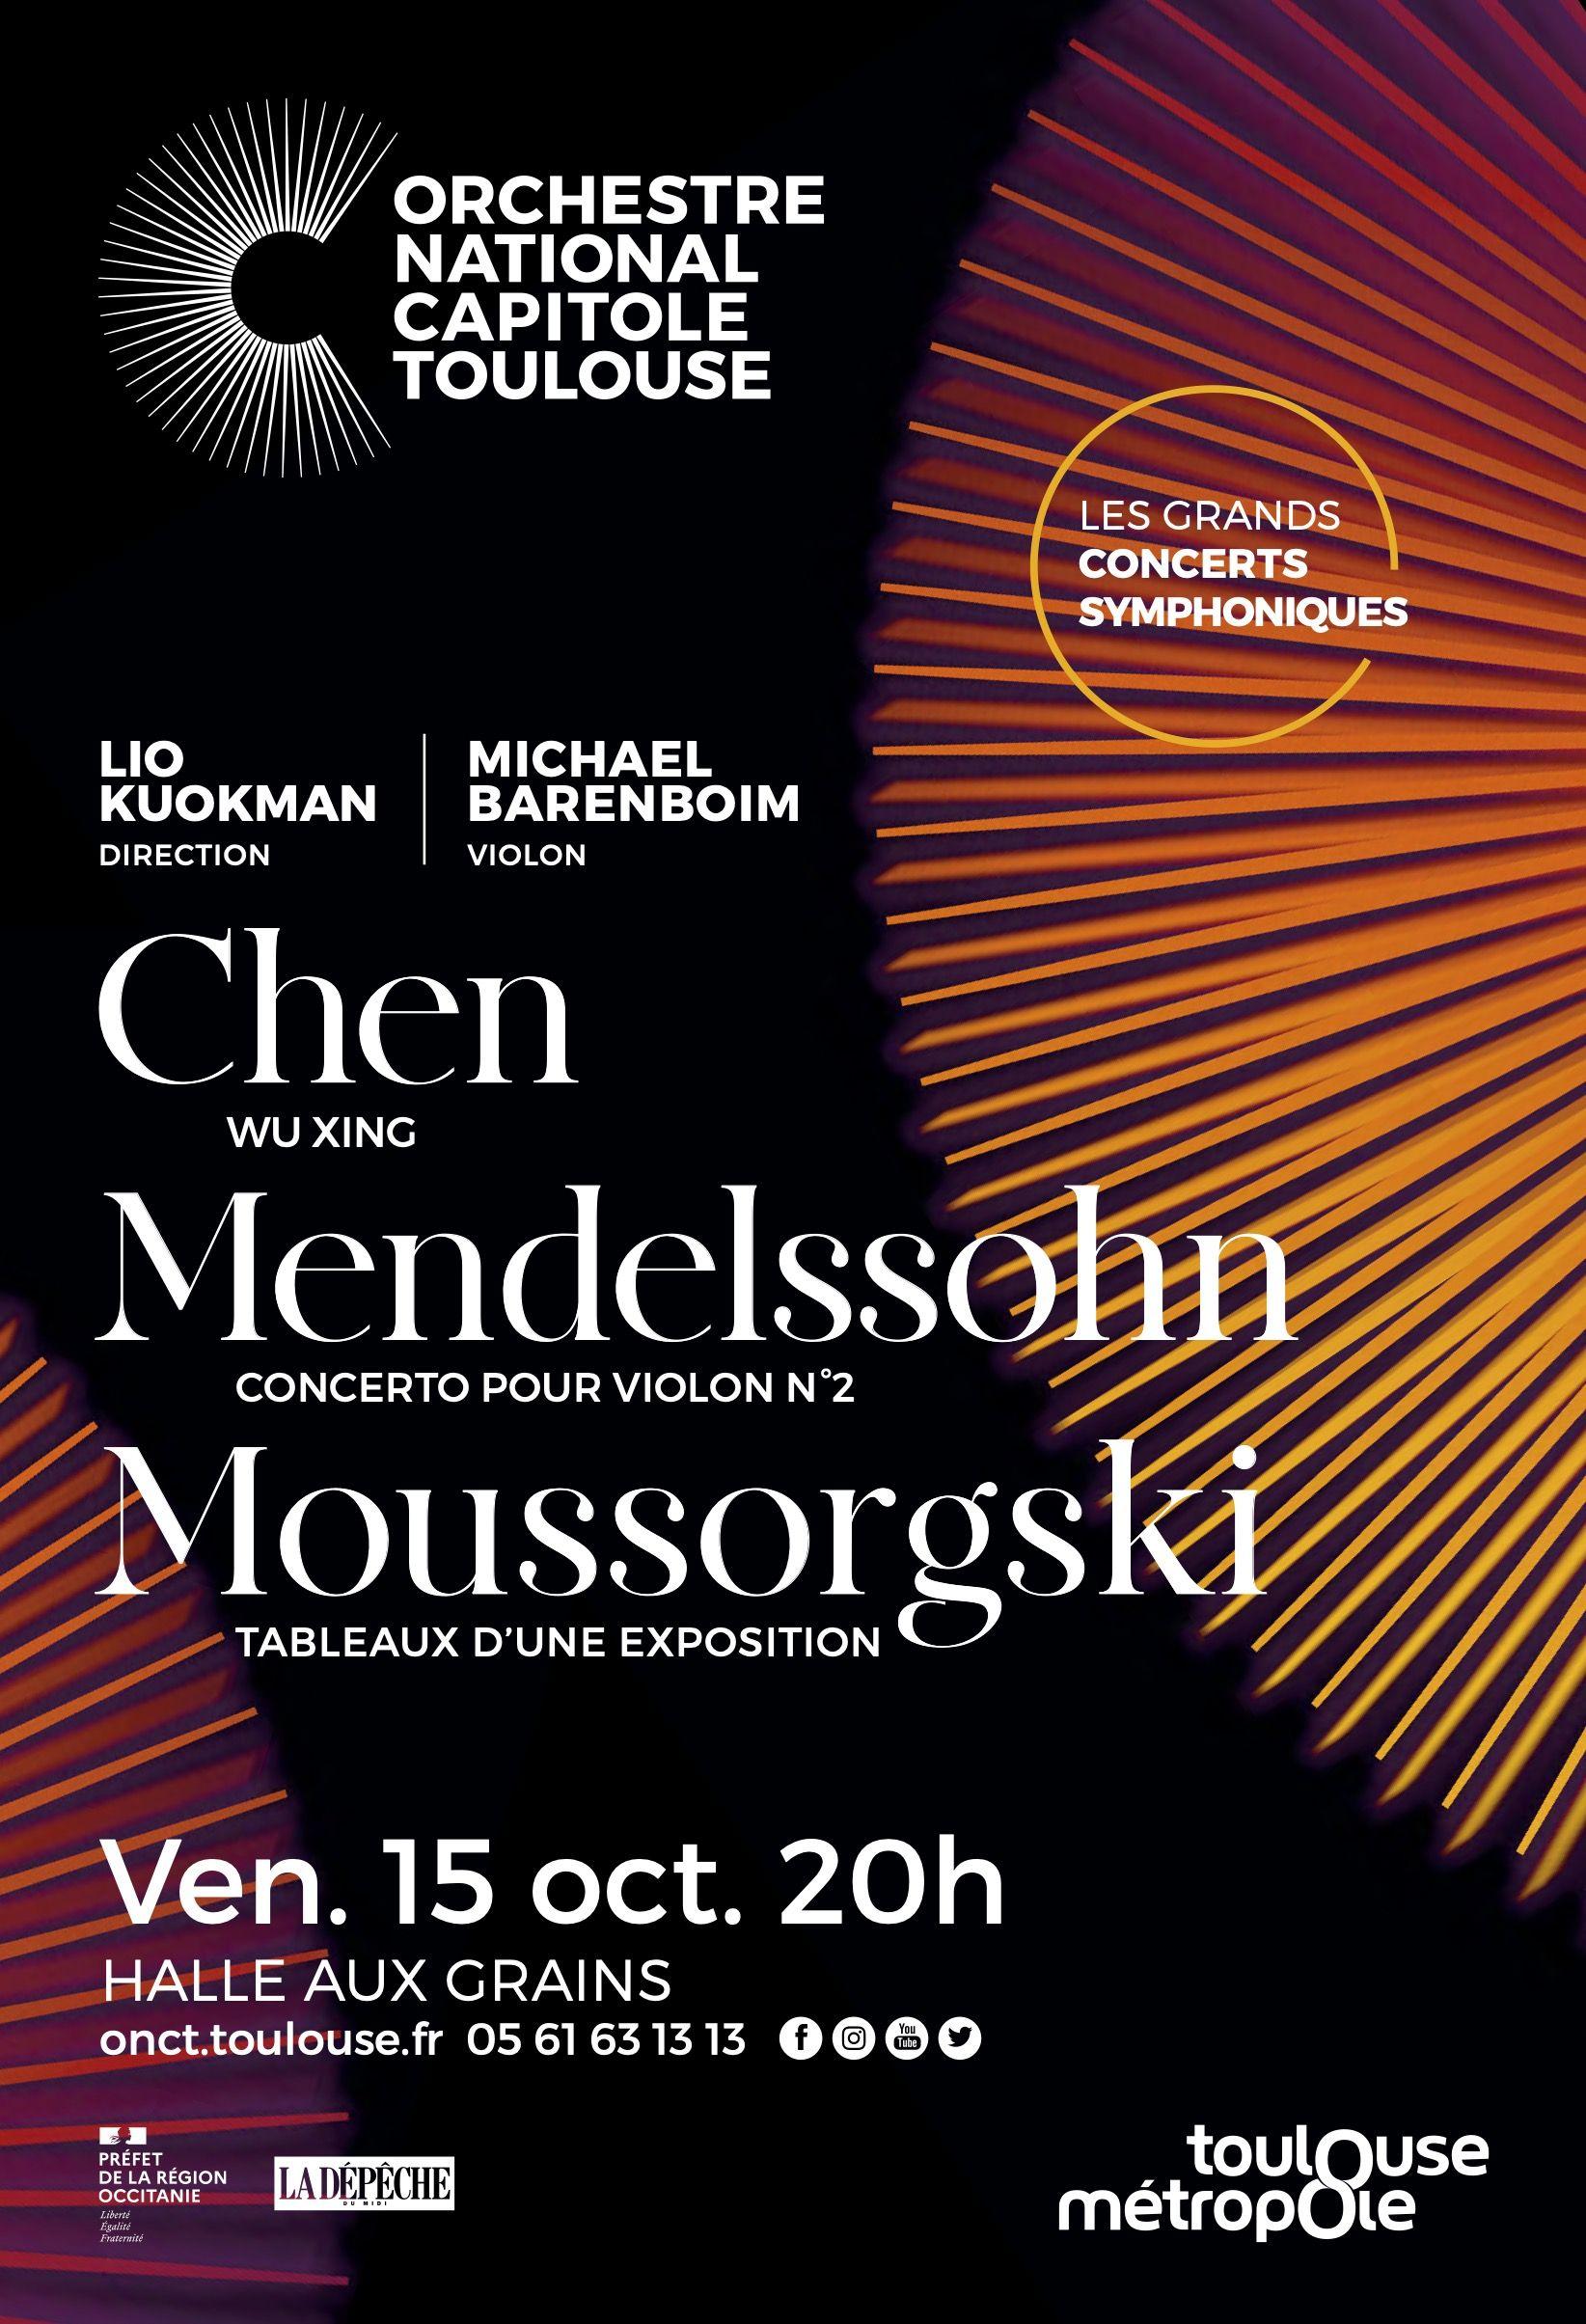 Orchestre national du Capitole - Lio Kuokman